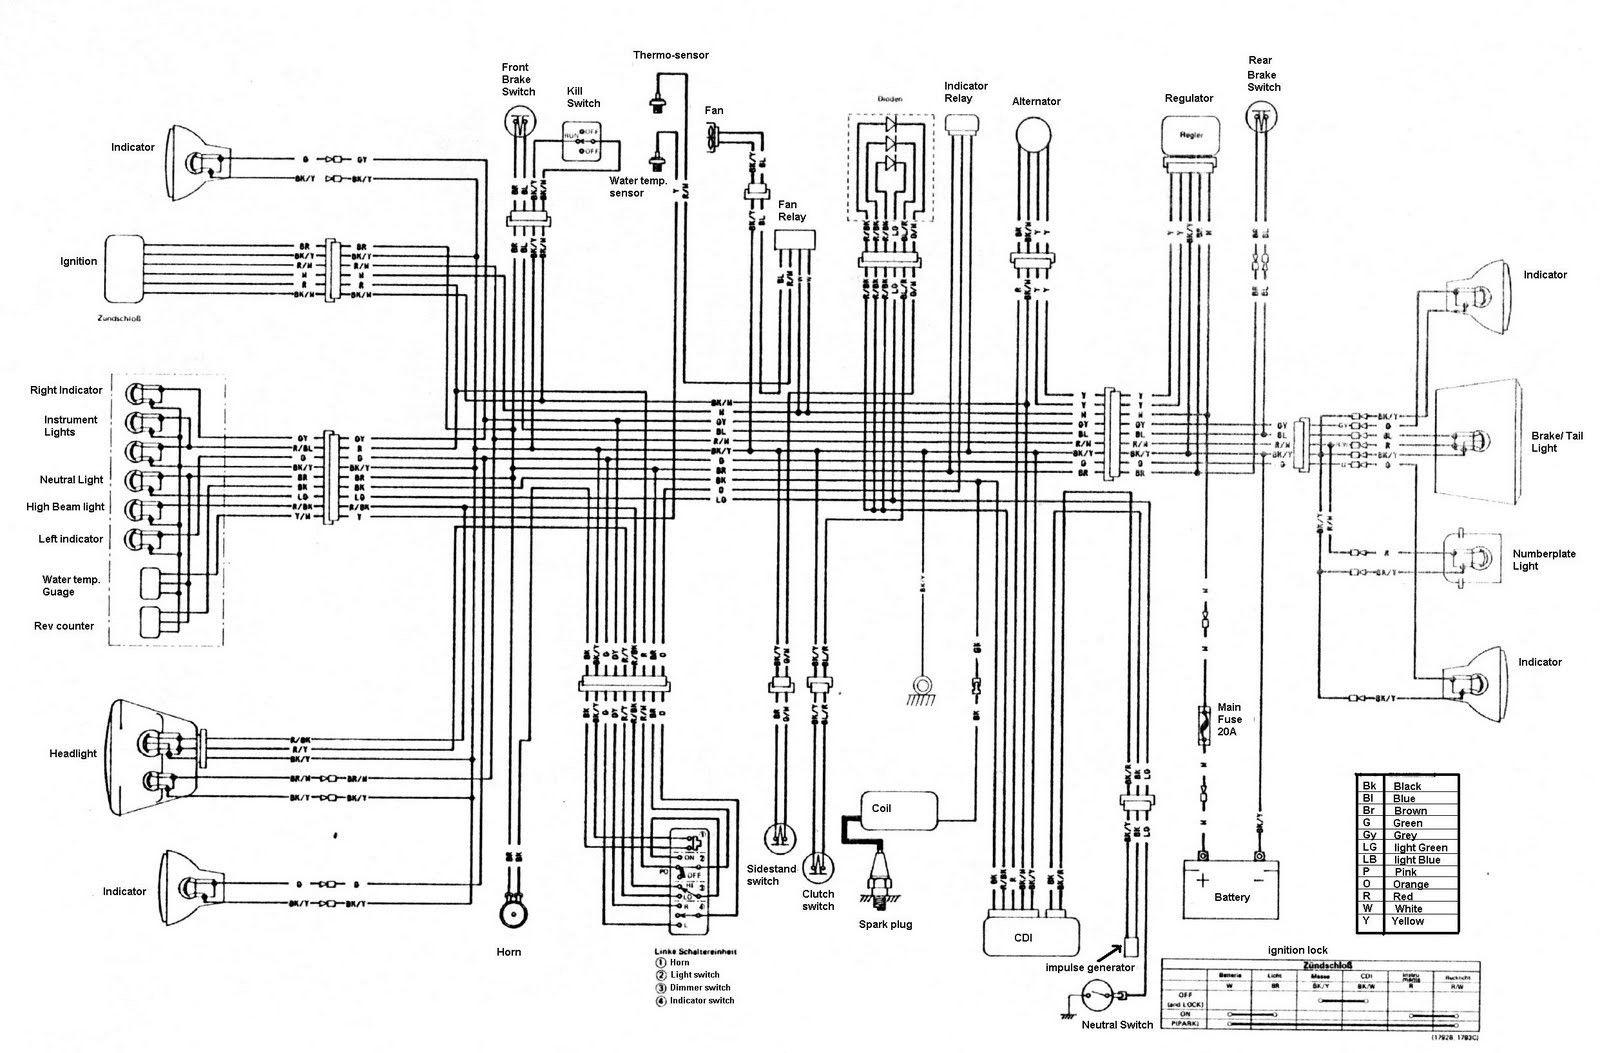 klr 250 turn signals wiring diagram wiring diagrams best bayou 250 wiring diagram 1998 kawasaki wiring diagrams klr 250 turn signals wiring diagram